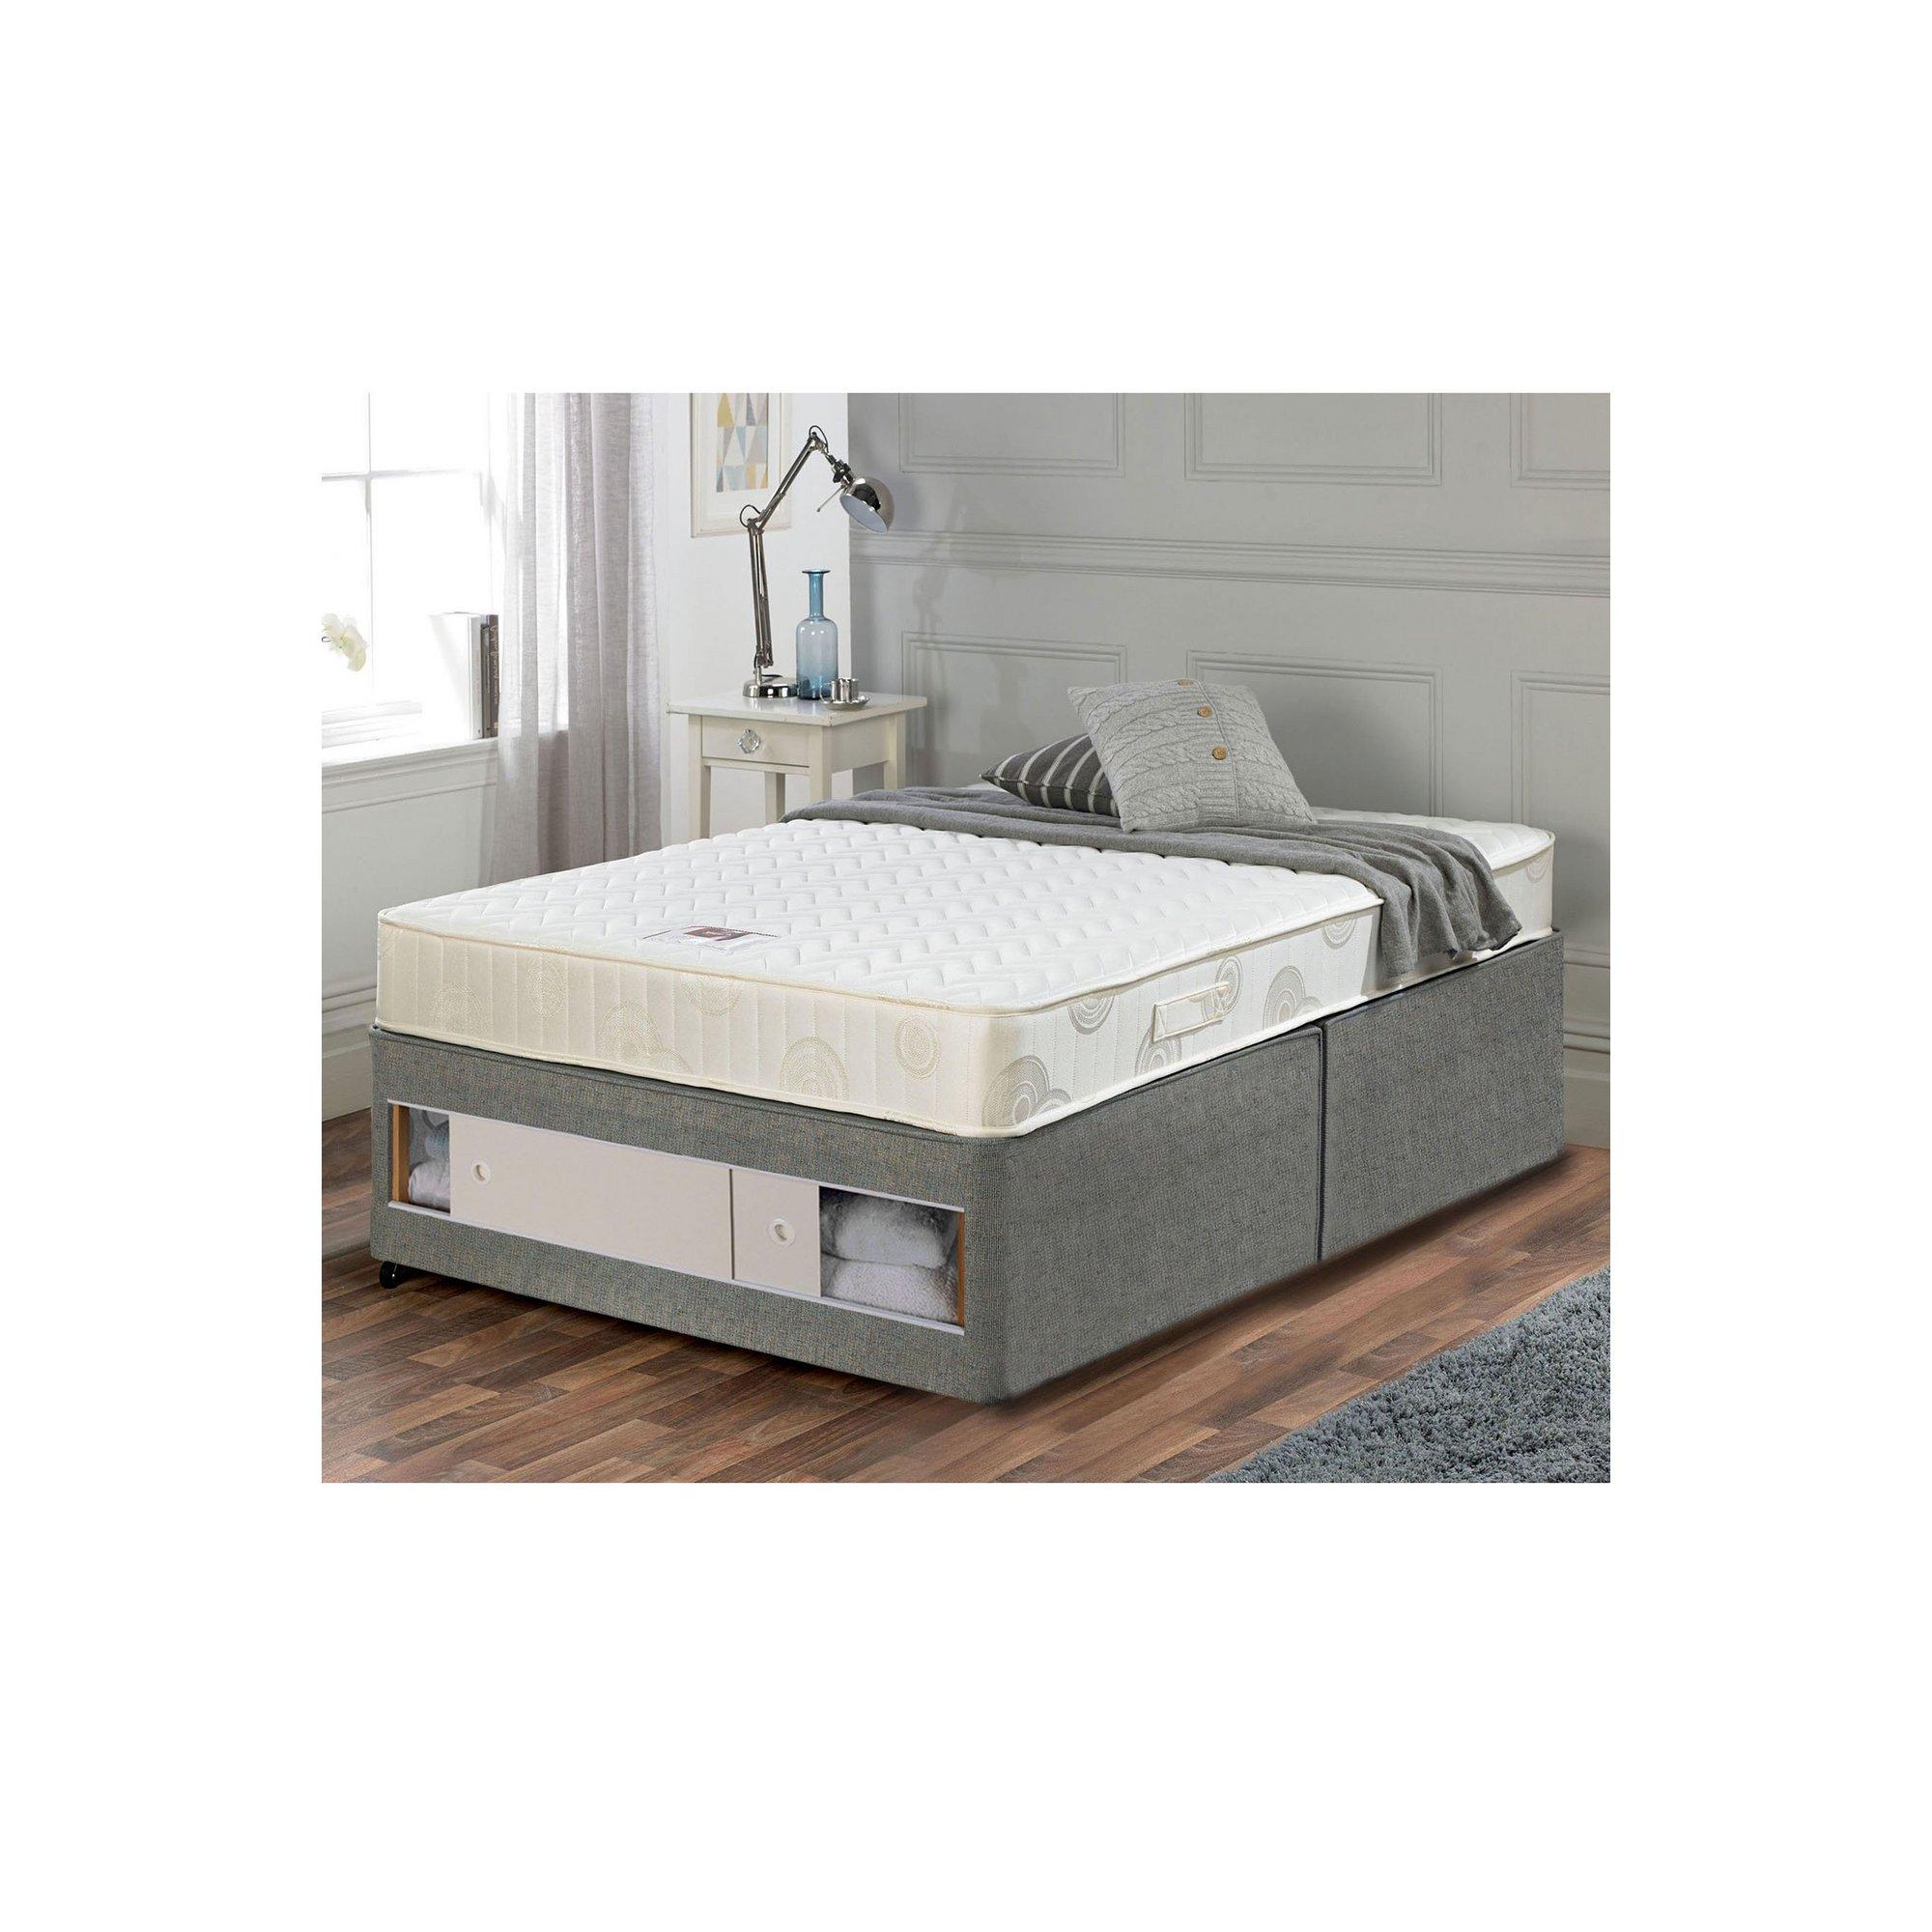 Image of Airsprung Memory Flex Divan Bed - Slide Storage